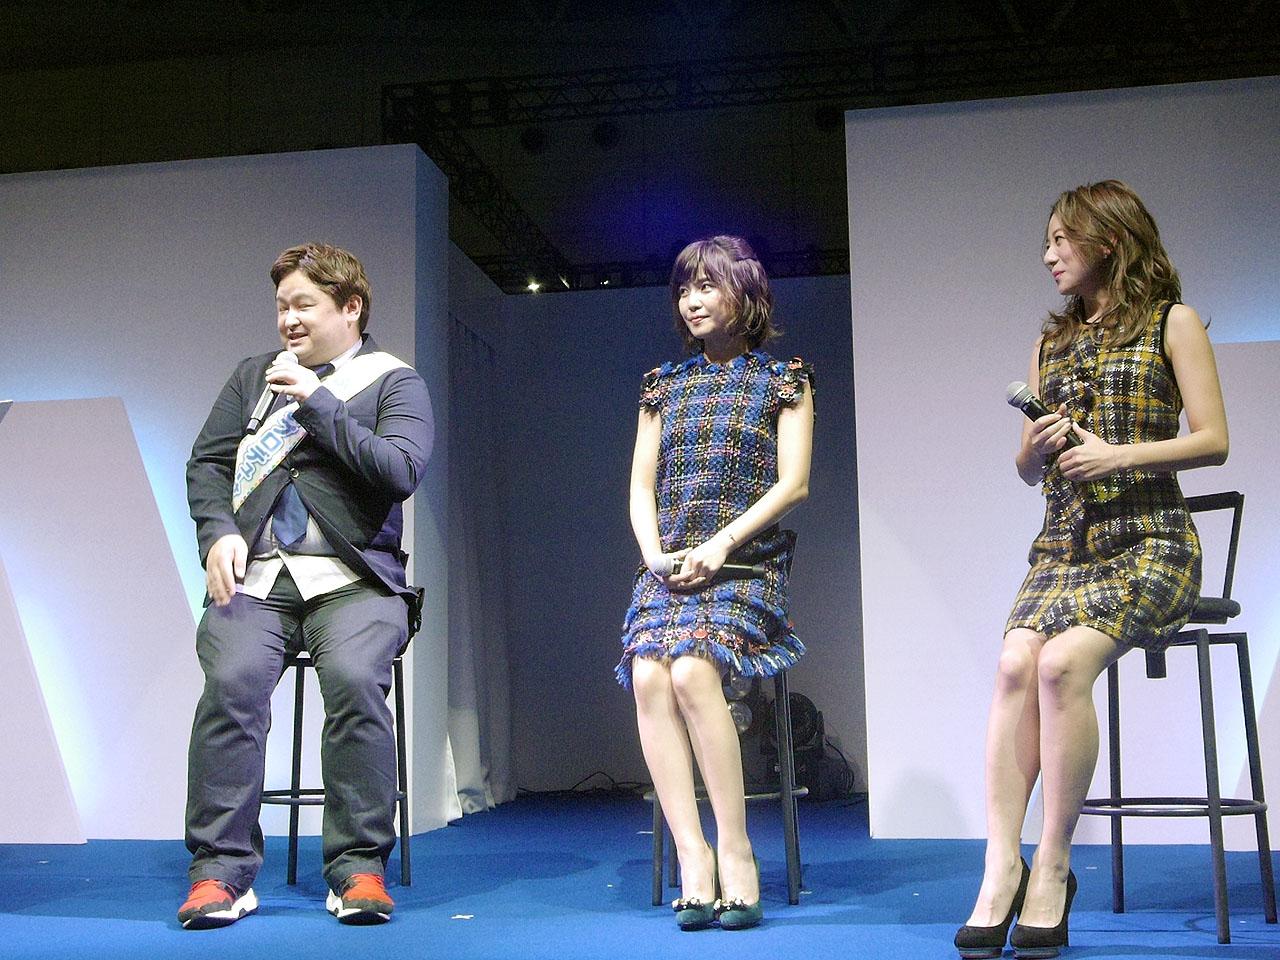 左からシリーズ総合プロデューサーの細山田水紀、「MisaChia」の宇野実彩子、同じく伊藤千晃